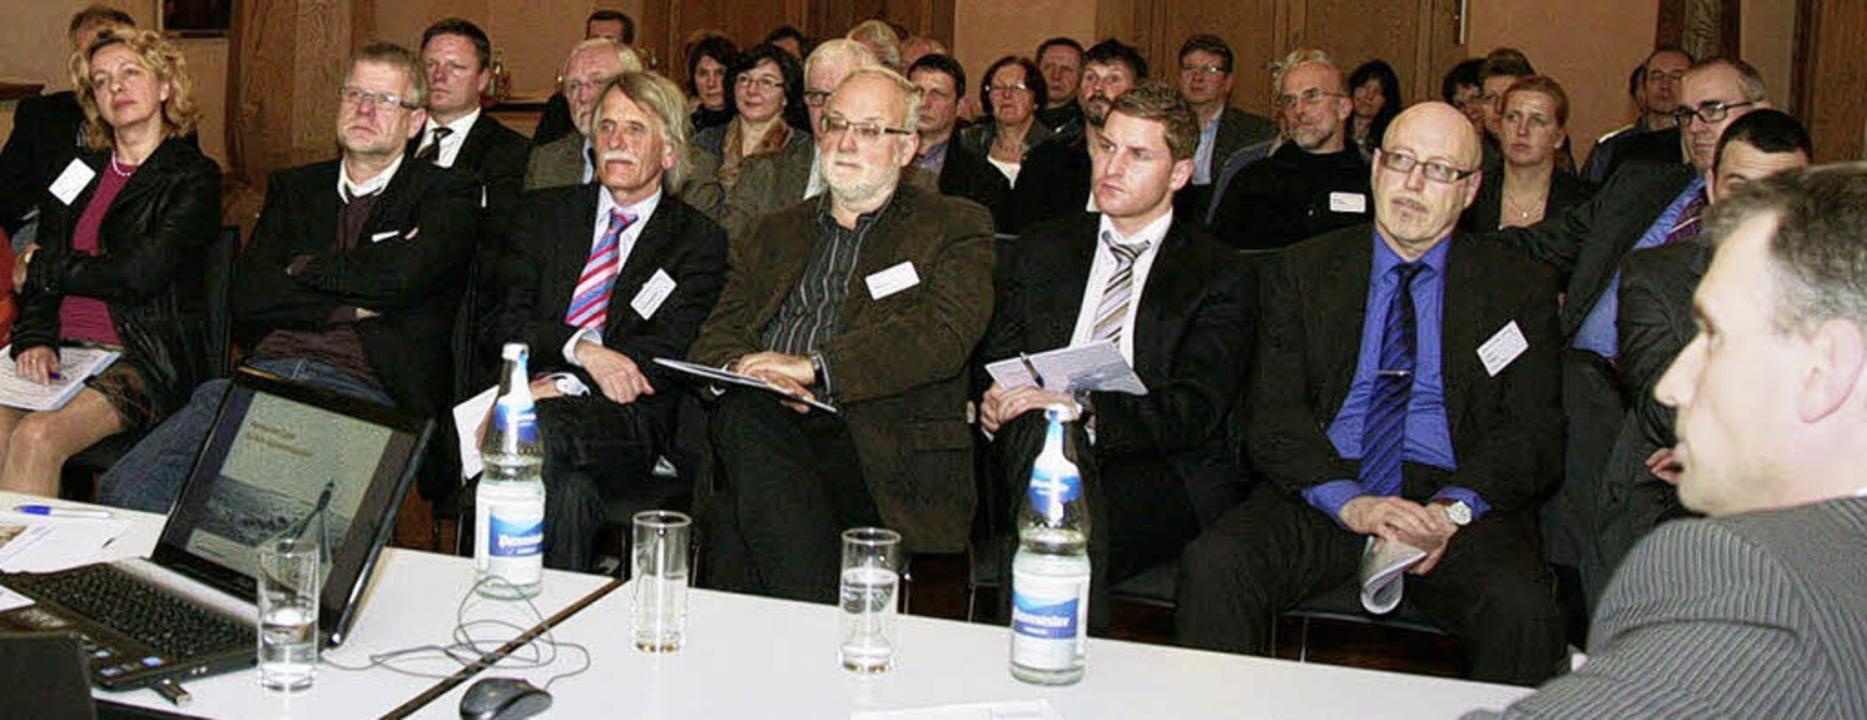 Rund 80 Repräsentanten aus Politik, Wi... sich zum Thema Bildungspartnerschaft.  | Foto: Sandra Decoux-Kone